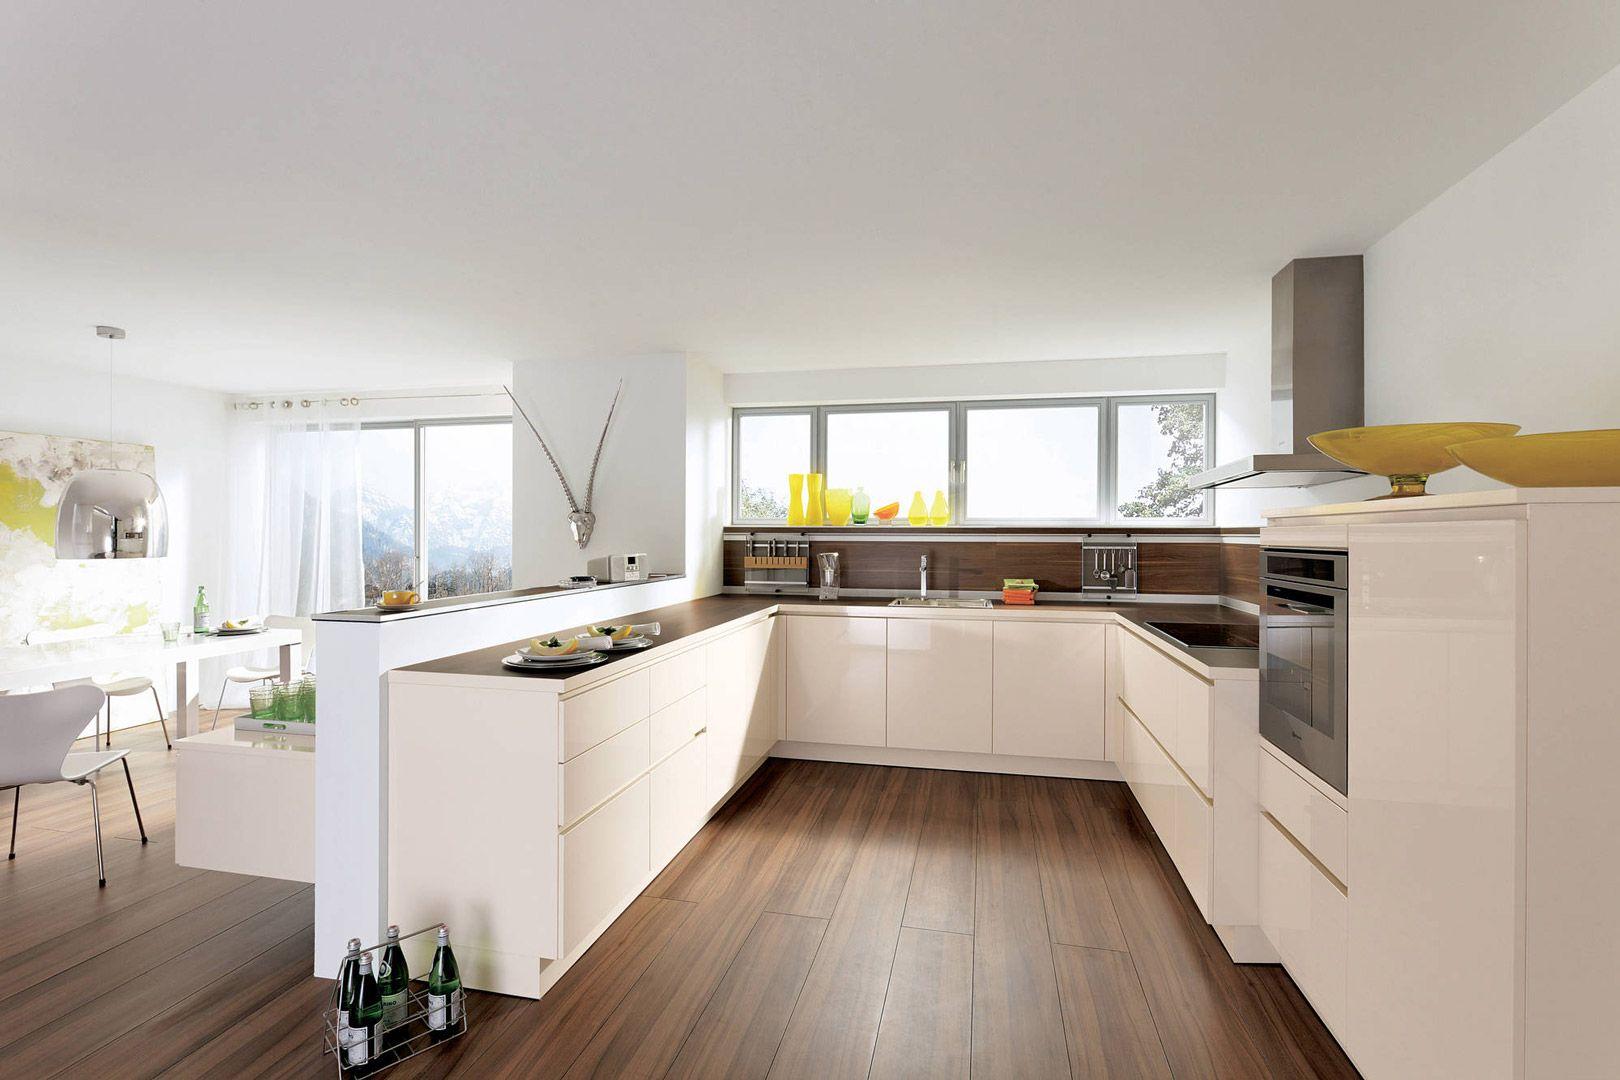 About alno modern kitchens on pinterest modern kitchen cabinets - Fitted Kitchens By Alno Sussex Surrey London Stylish Kitchenmodern Kitchen Designkitchen